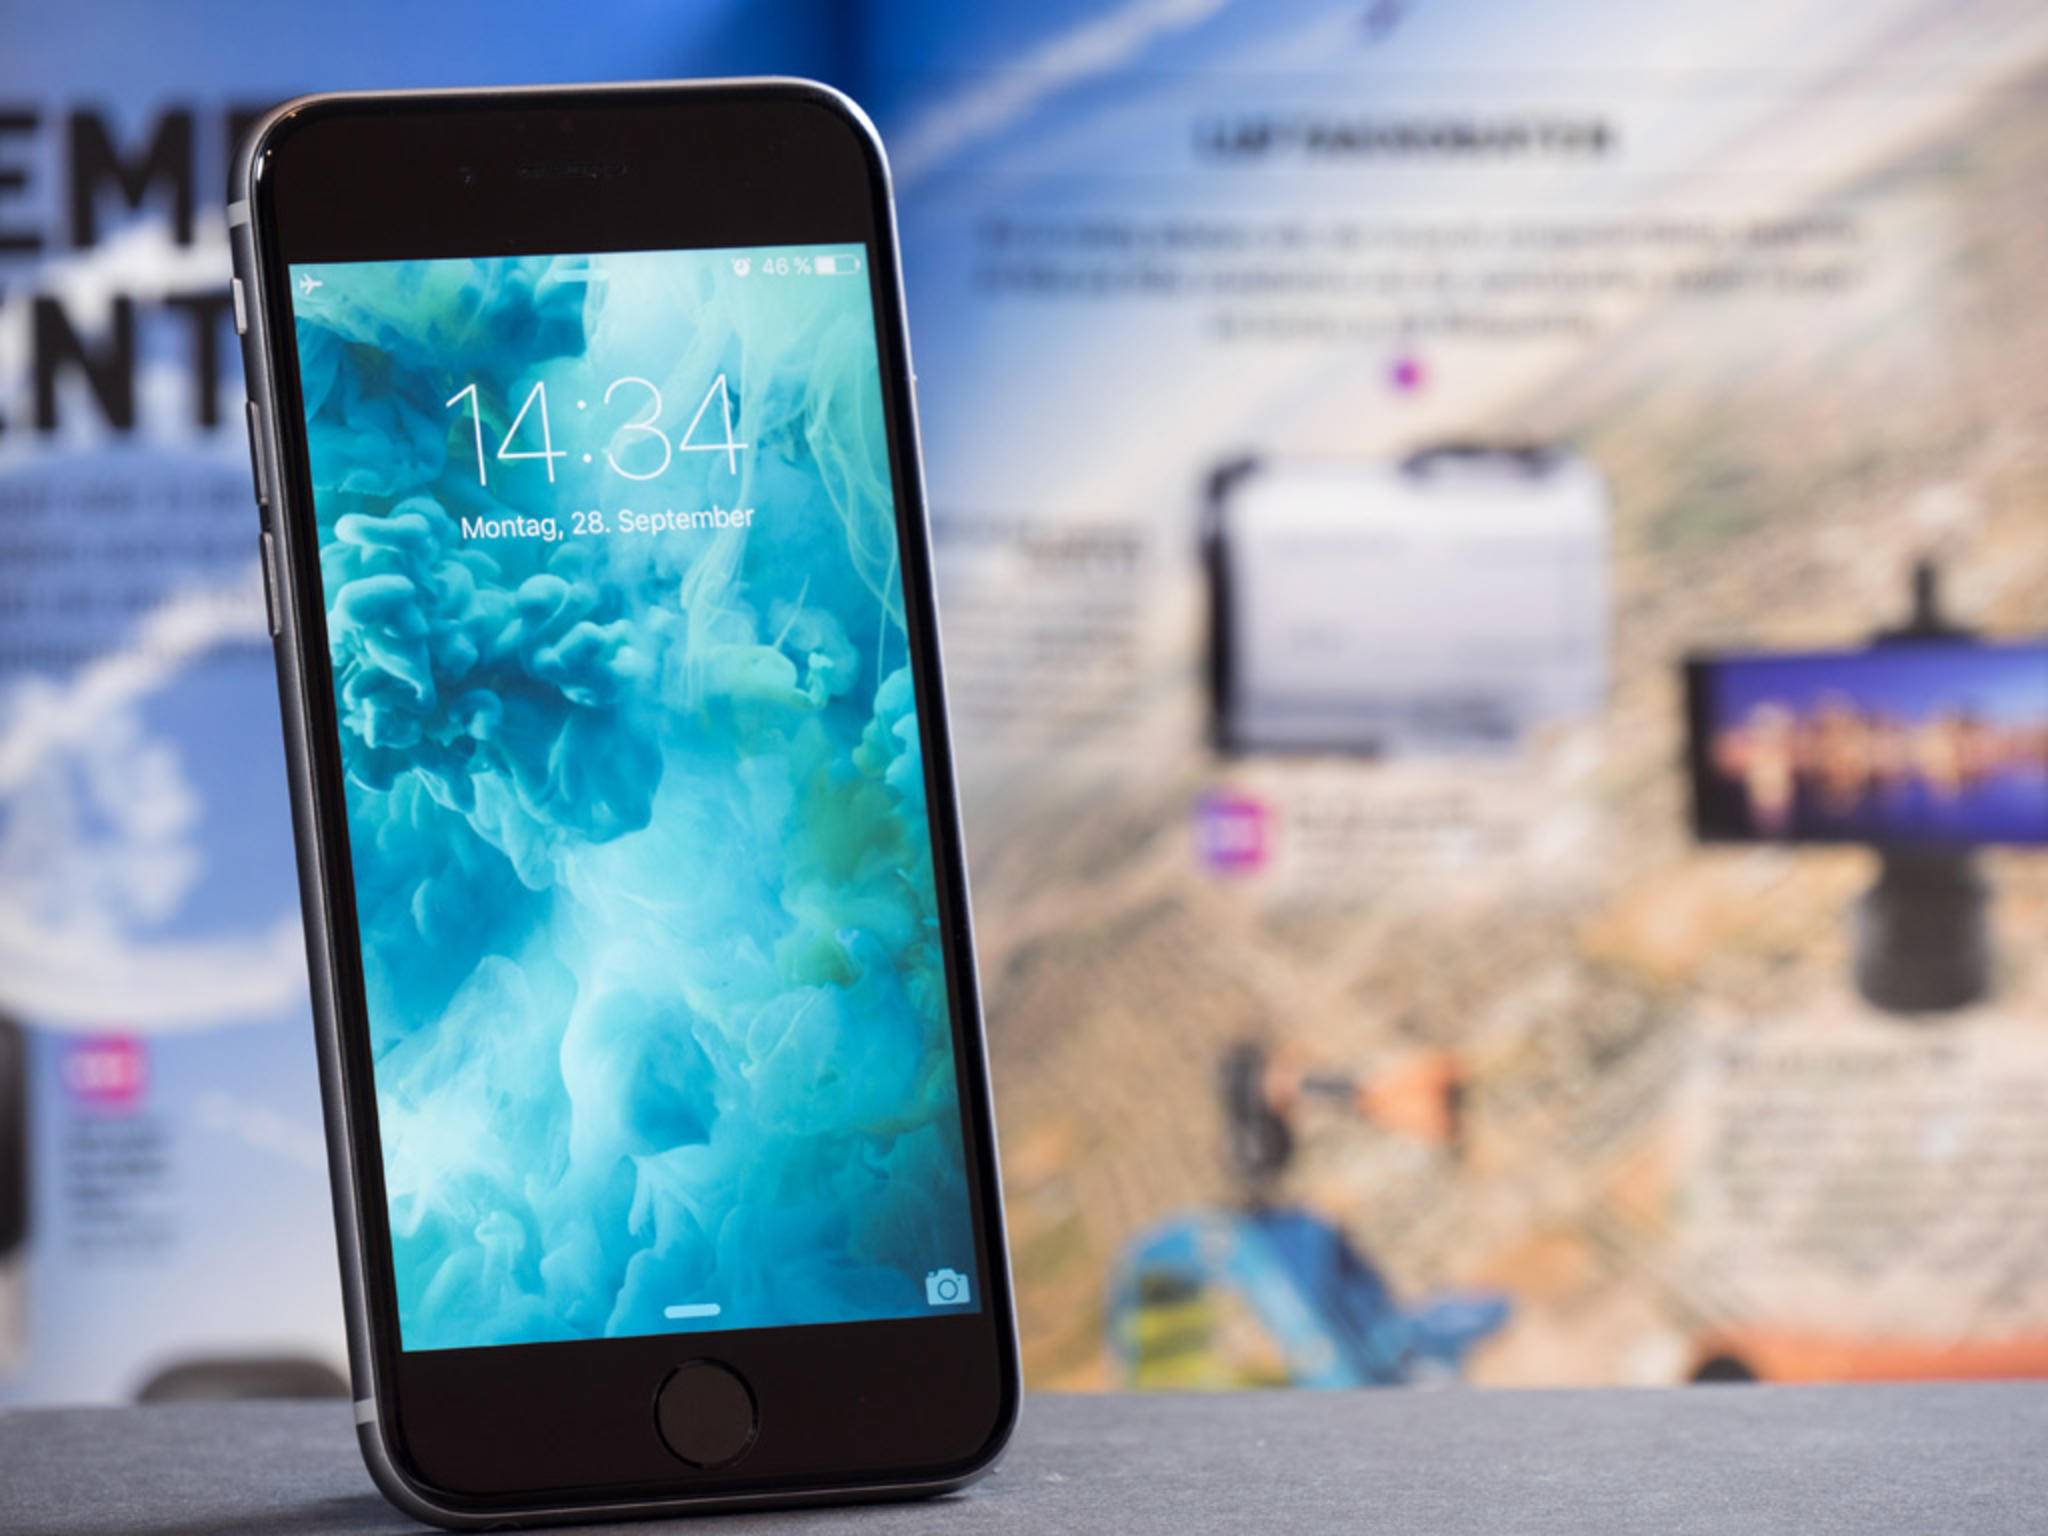 Das iPhone 6 soll in Peking wegen Patentstreitigkeiten nicht mehr verkauft werden.